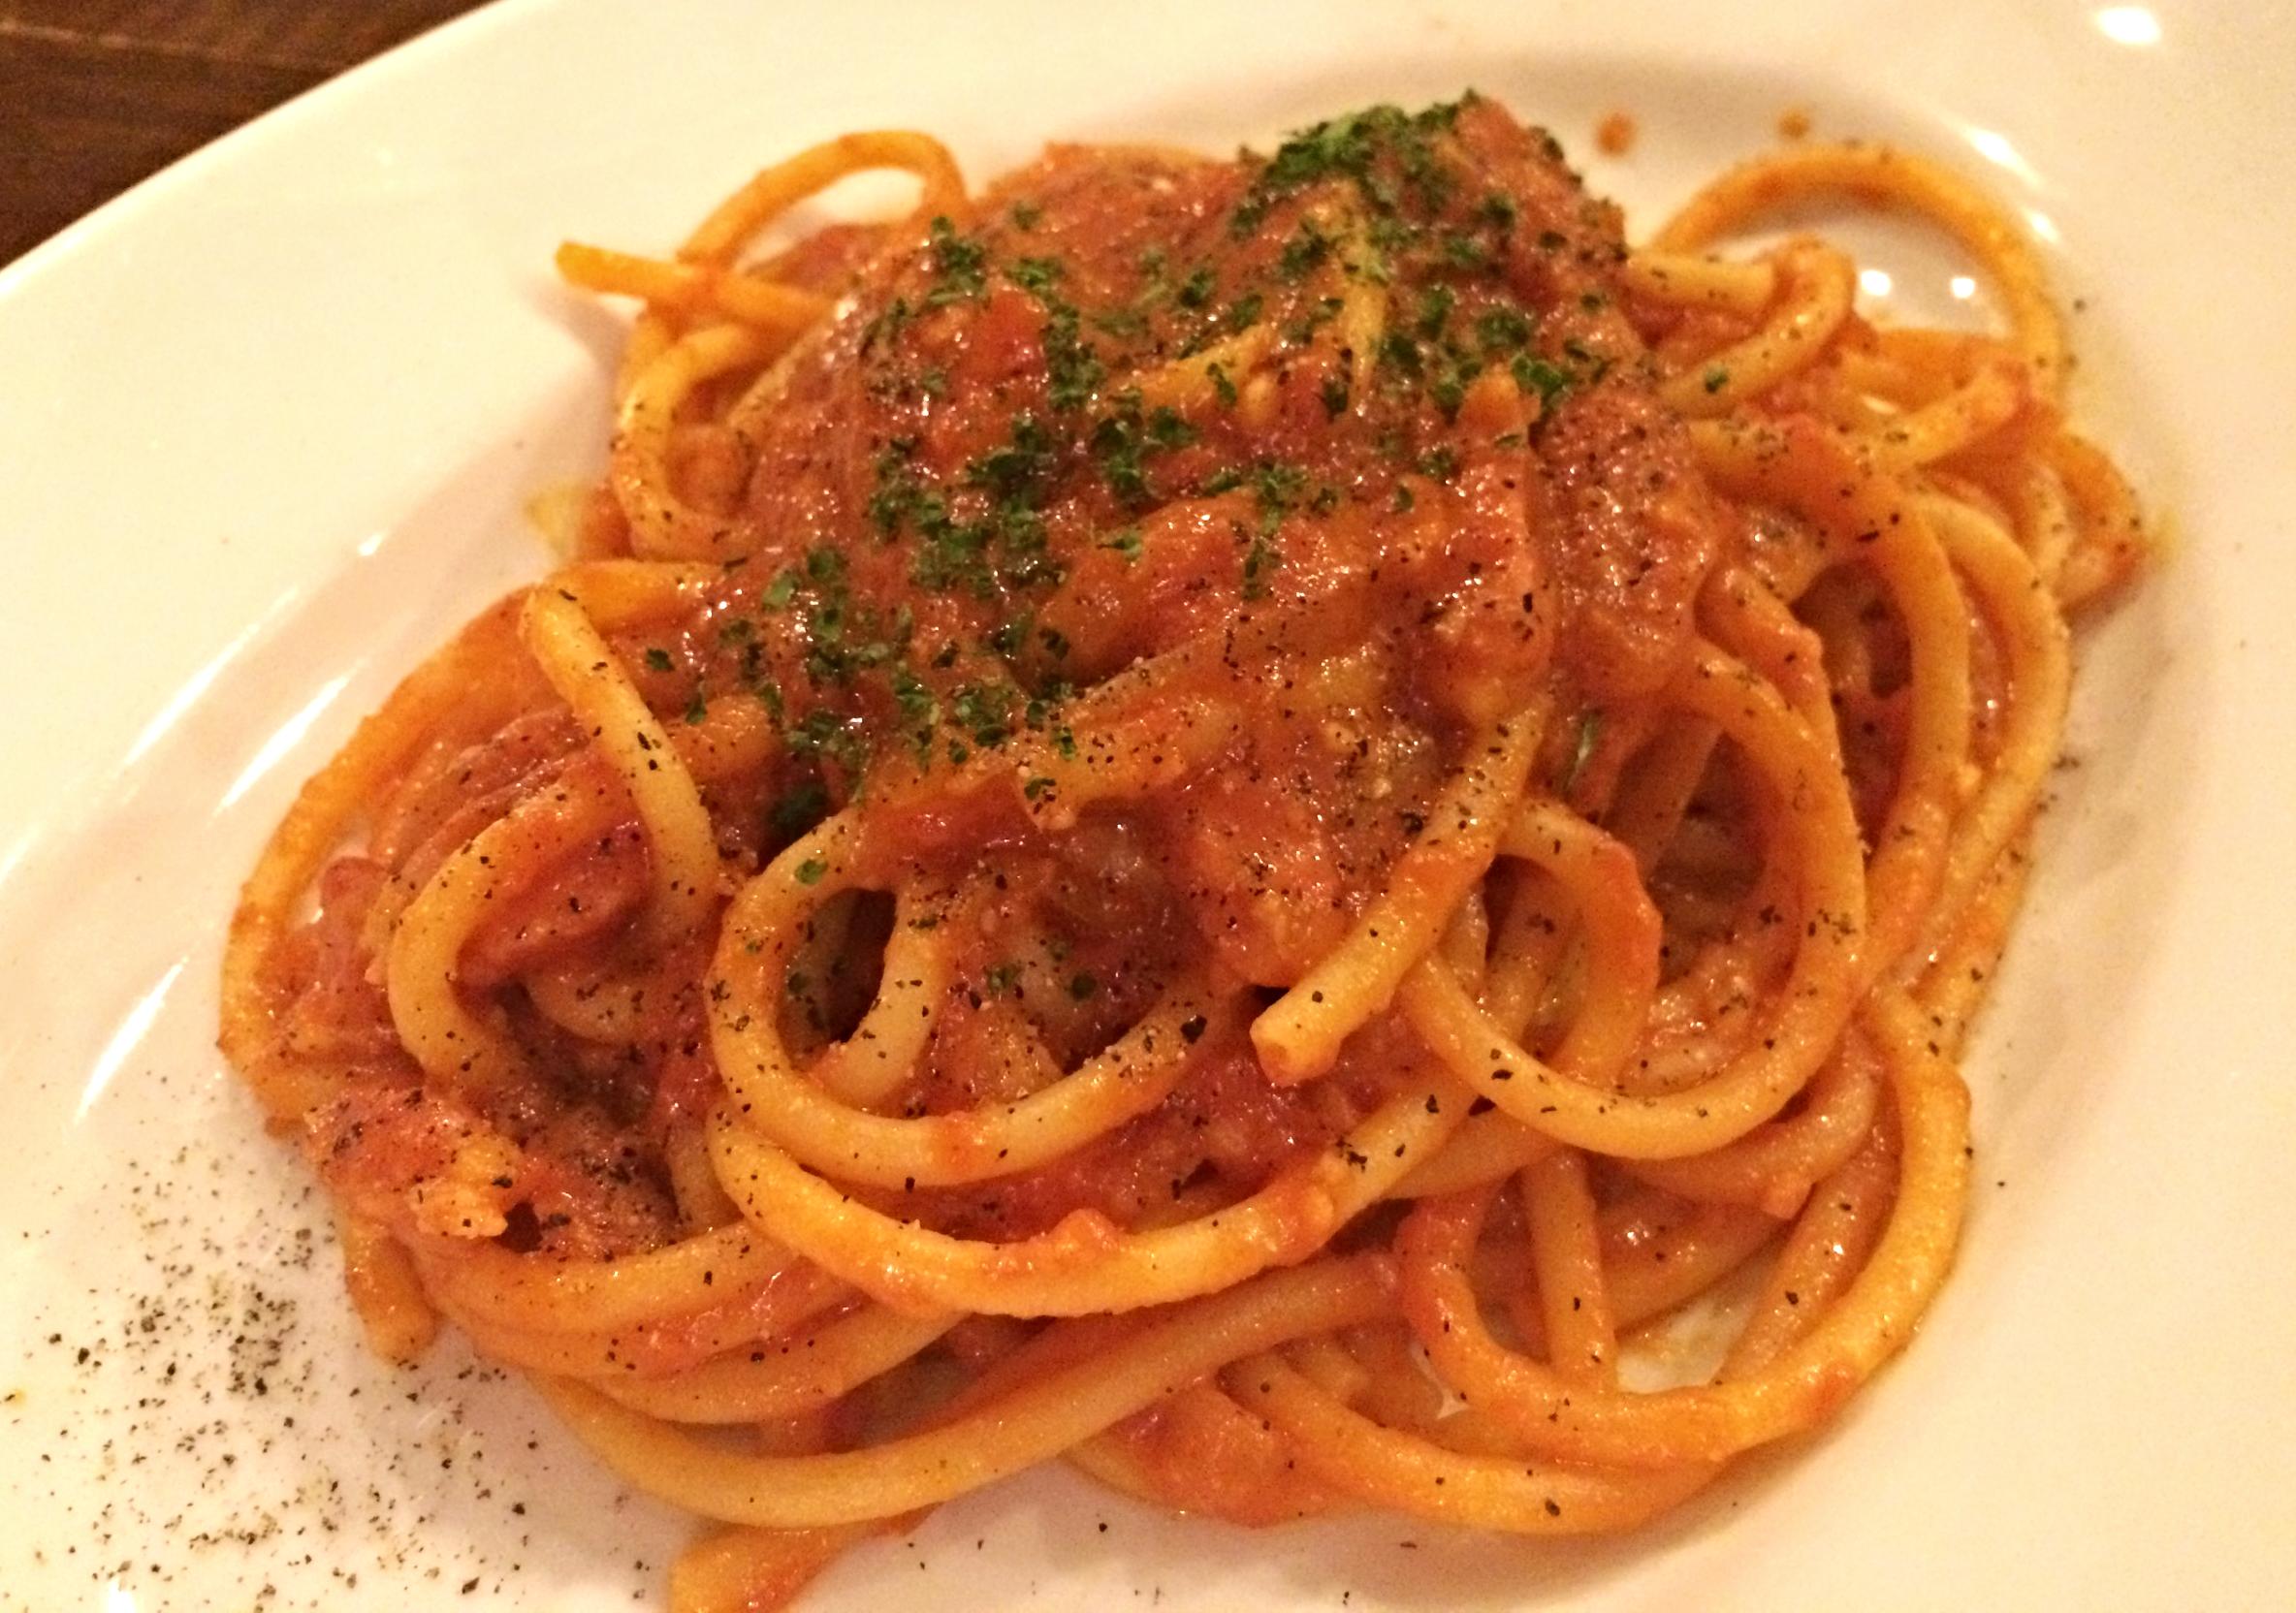 超人気   ブッカティーニ アマトリチャーナ   ゴンブト麺のブカティーニで、パンチェッタの風味の効いたトマトソースが美味しい超人気パスタです。  ブカティーニは中に穴の開いている太長い麺。それに濃厚なトマトソースが絡まって、一度食べたら病みつきの味。リピーター続出です!